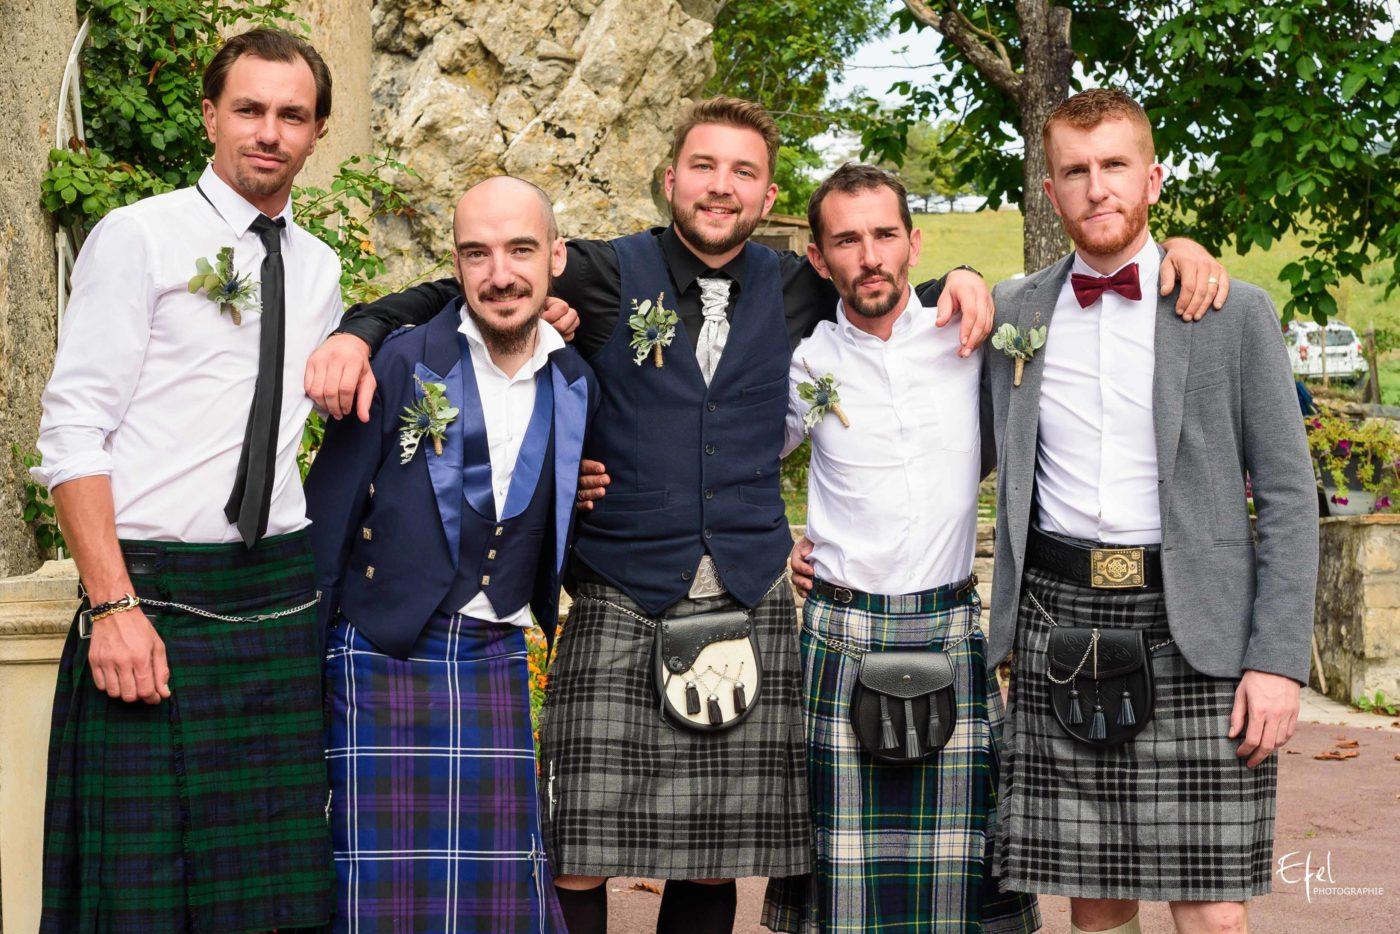 Mariage original en kilt à Entrevaux dans les Alpes Maritimes